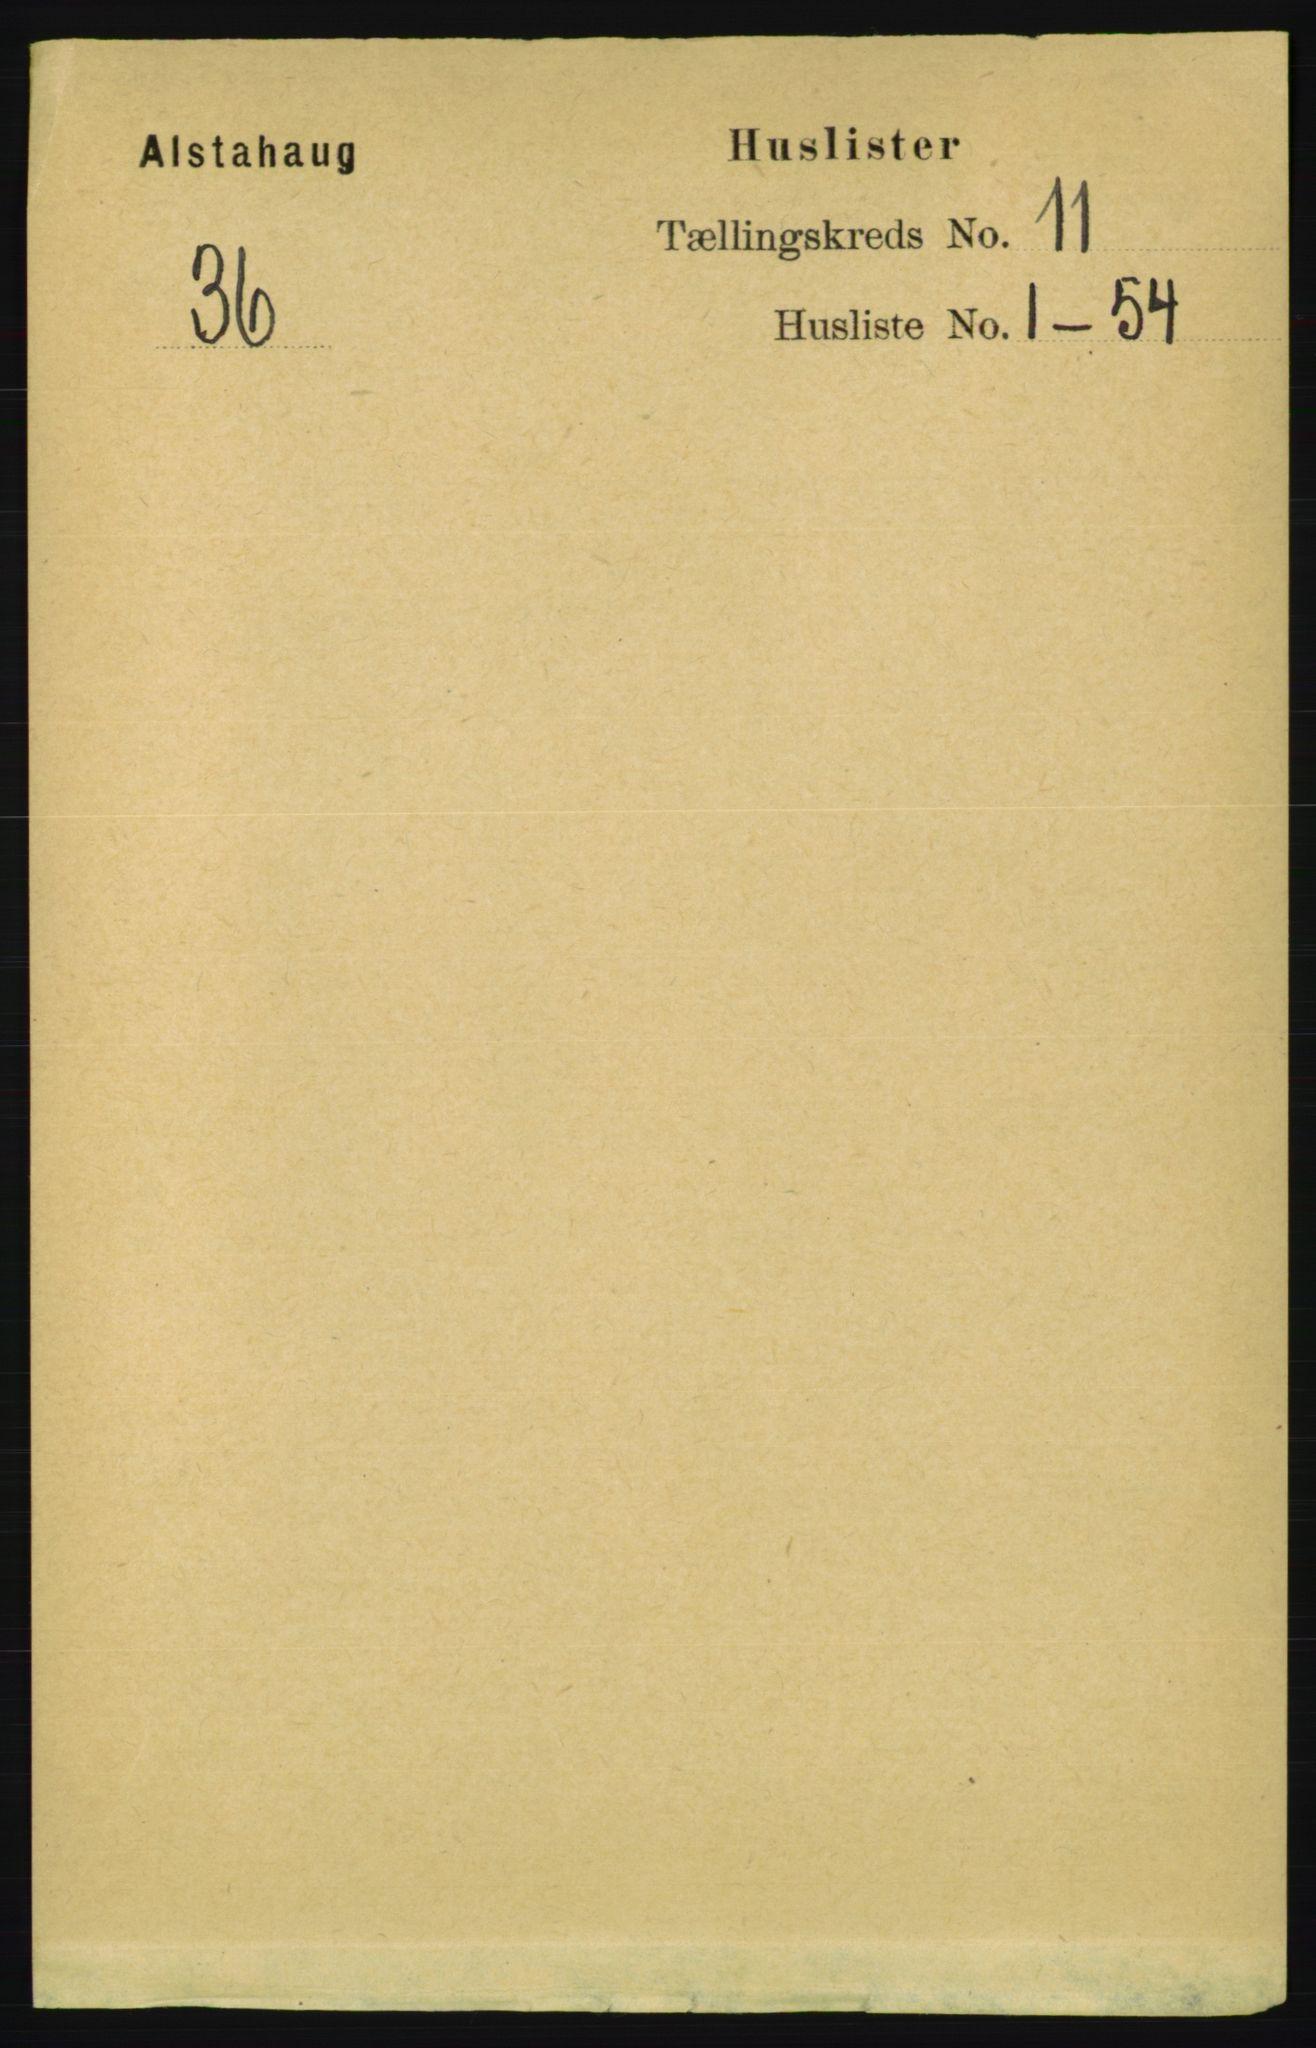 RA, Folketelling 1891 for 1820 Alstahaug herred, 1891, s. 3813